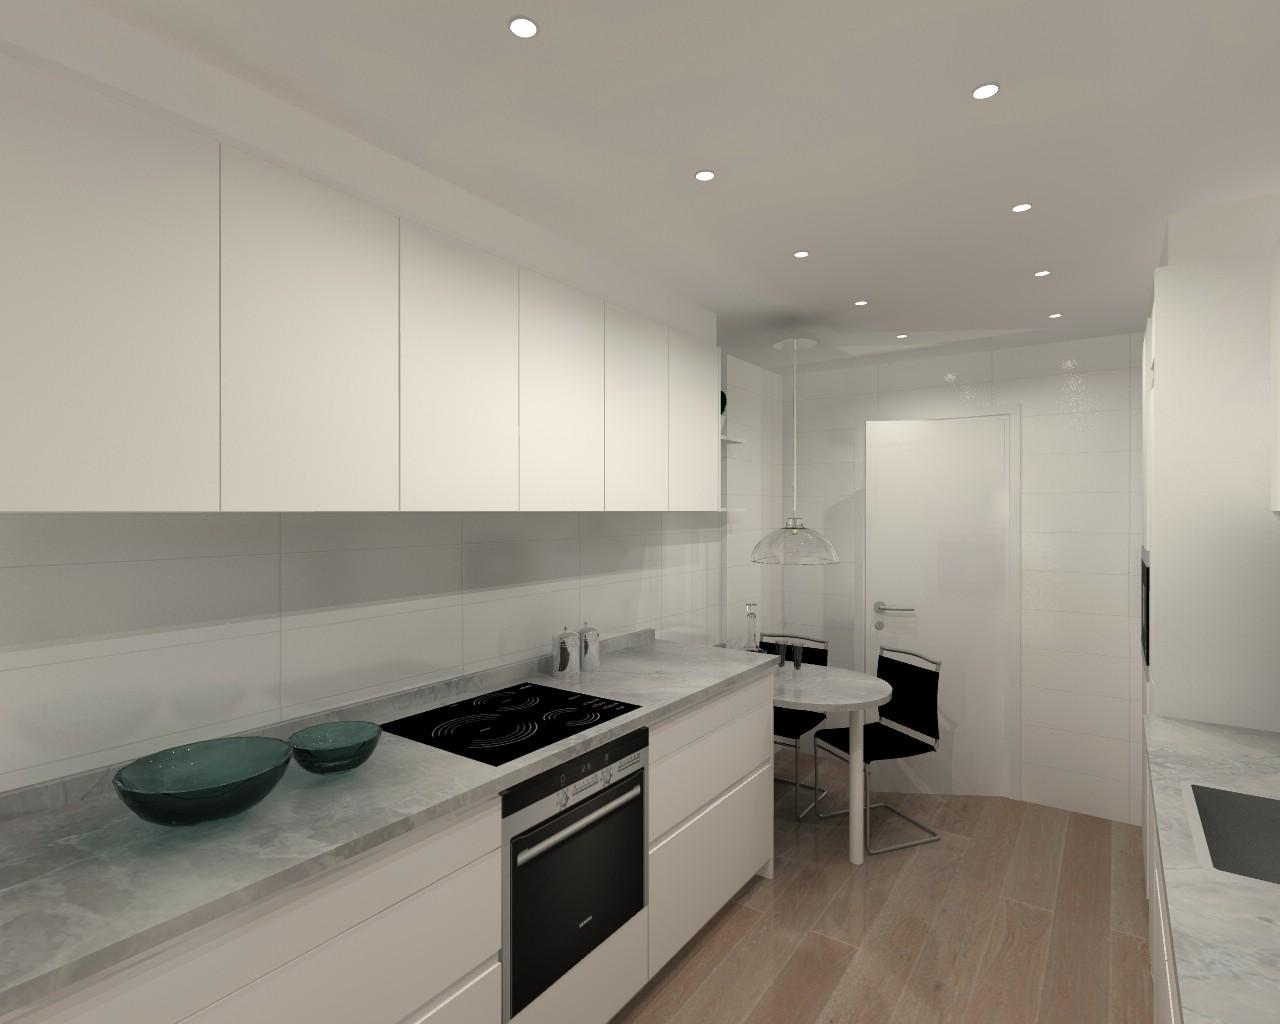 Cocina santos modelo intra e blanco encimera granito for Encimera cocina granito